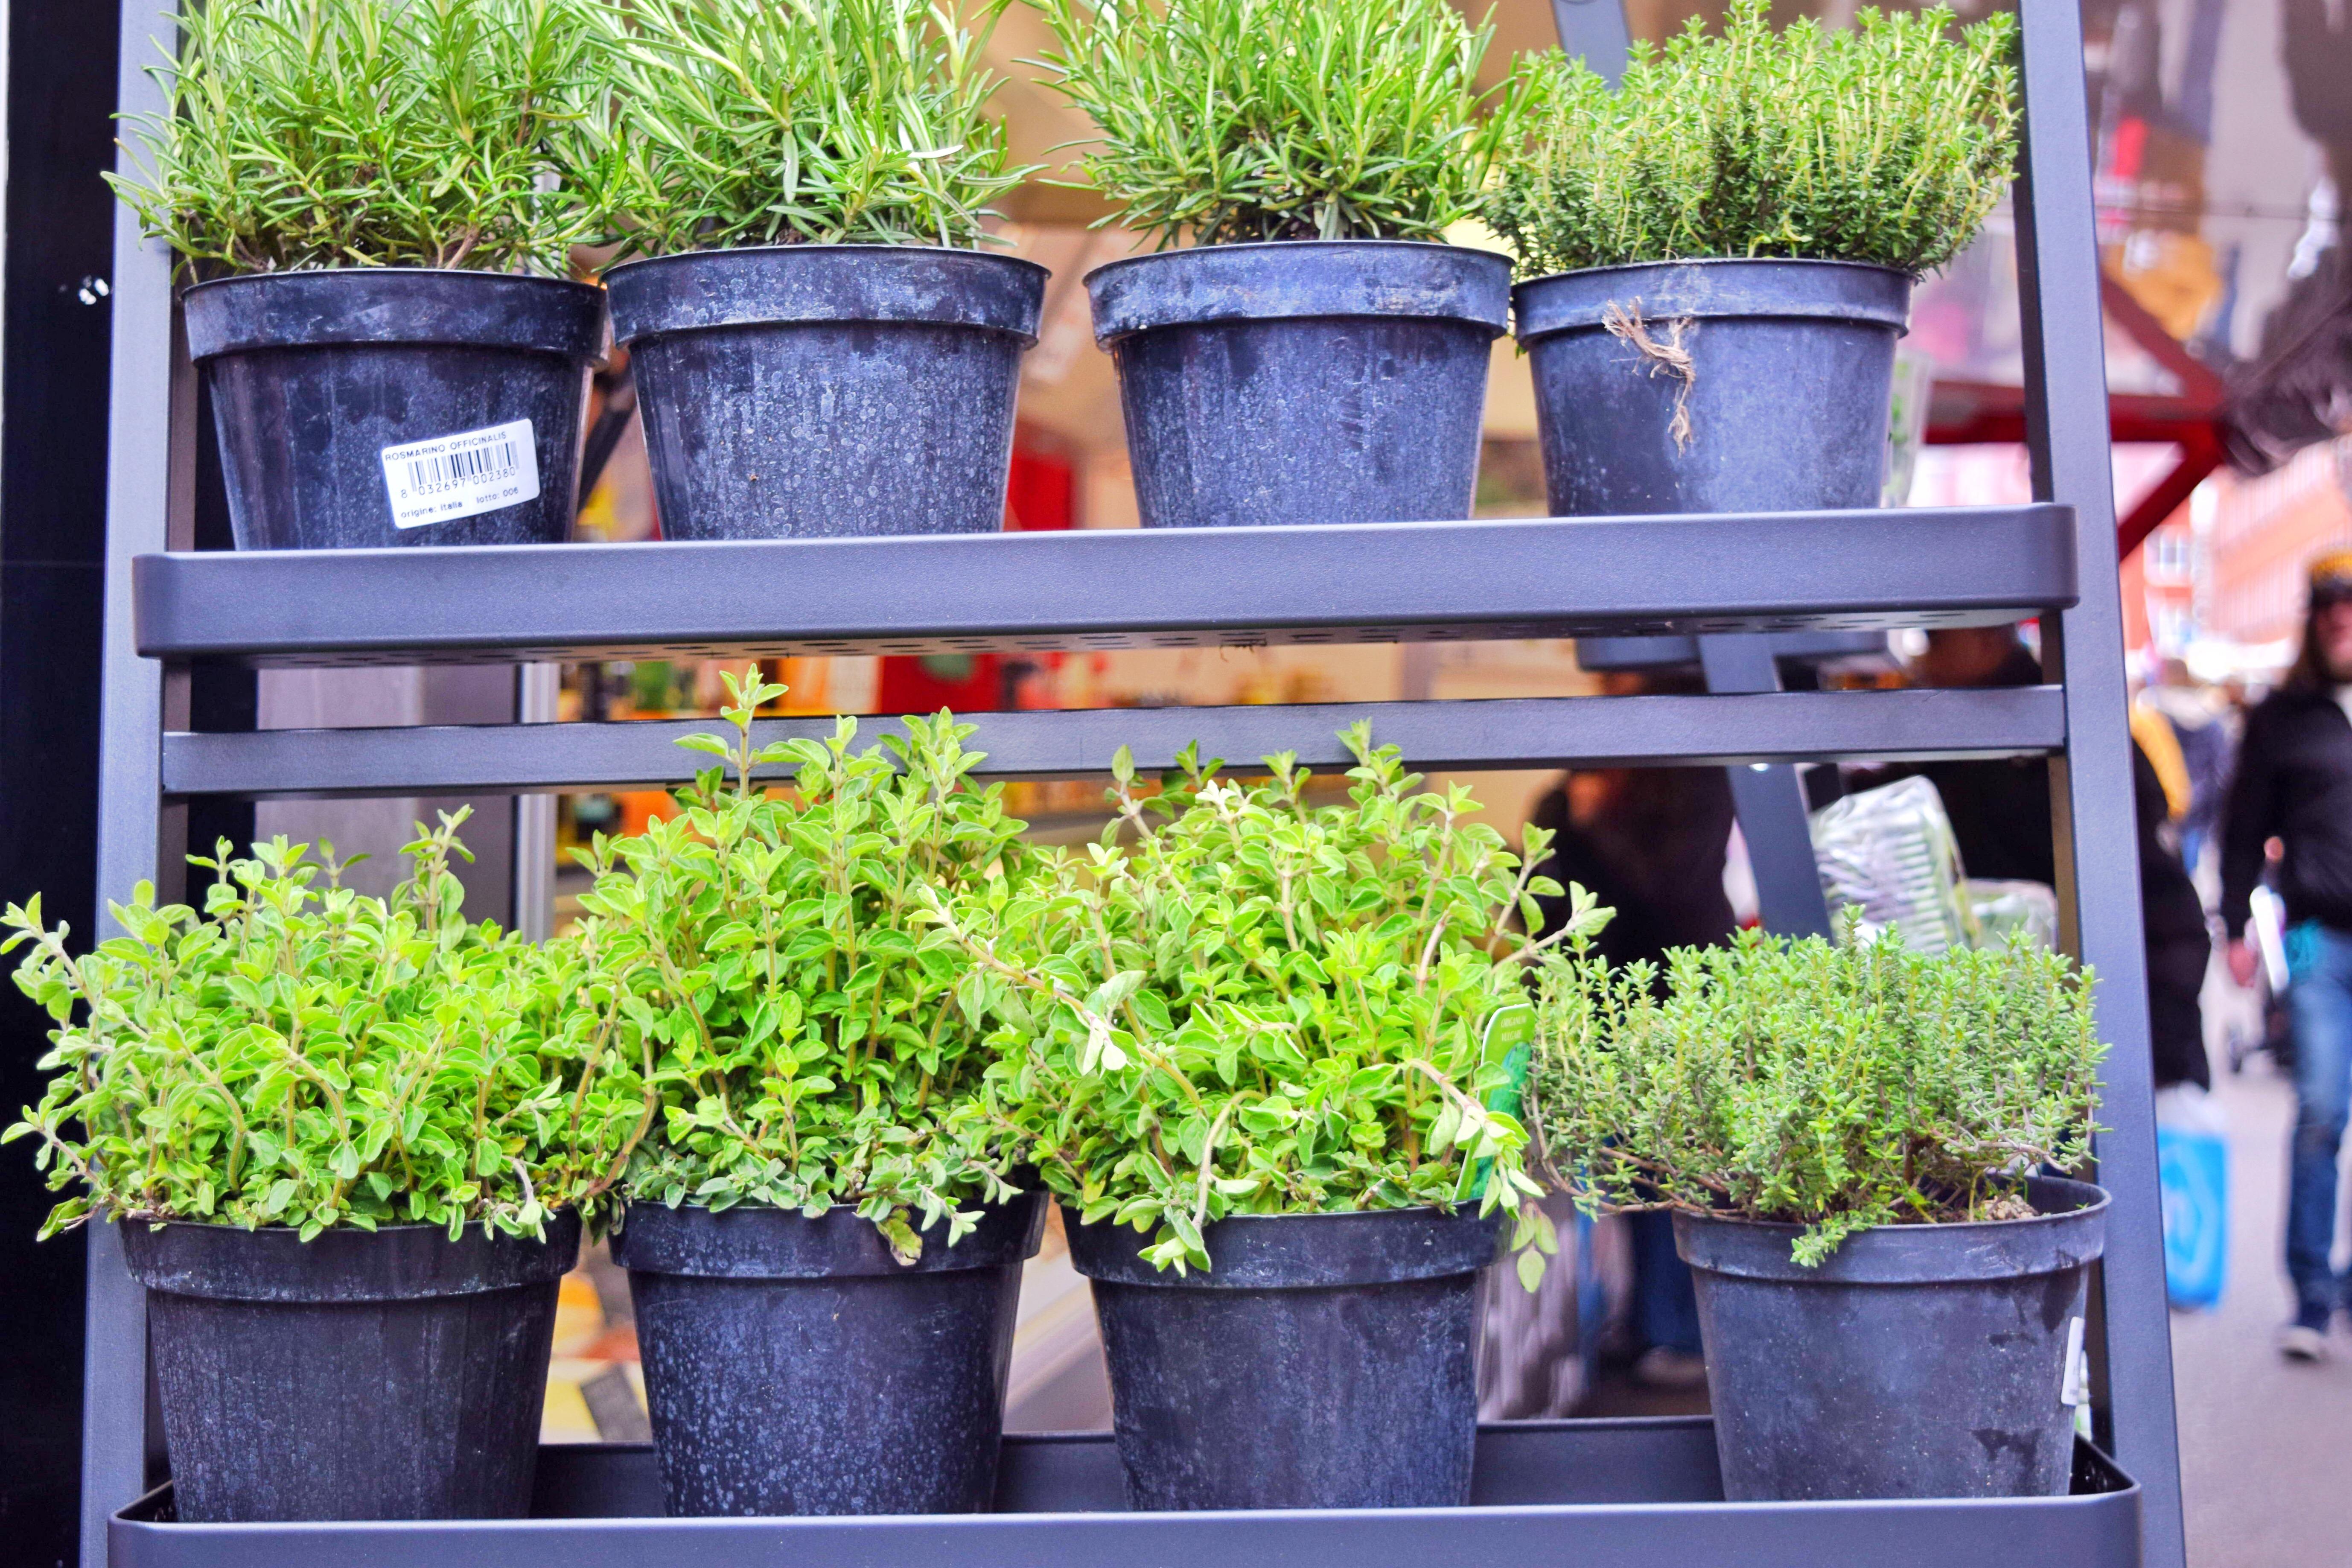 Farmers Market - Fresh Herbs